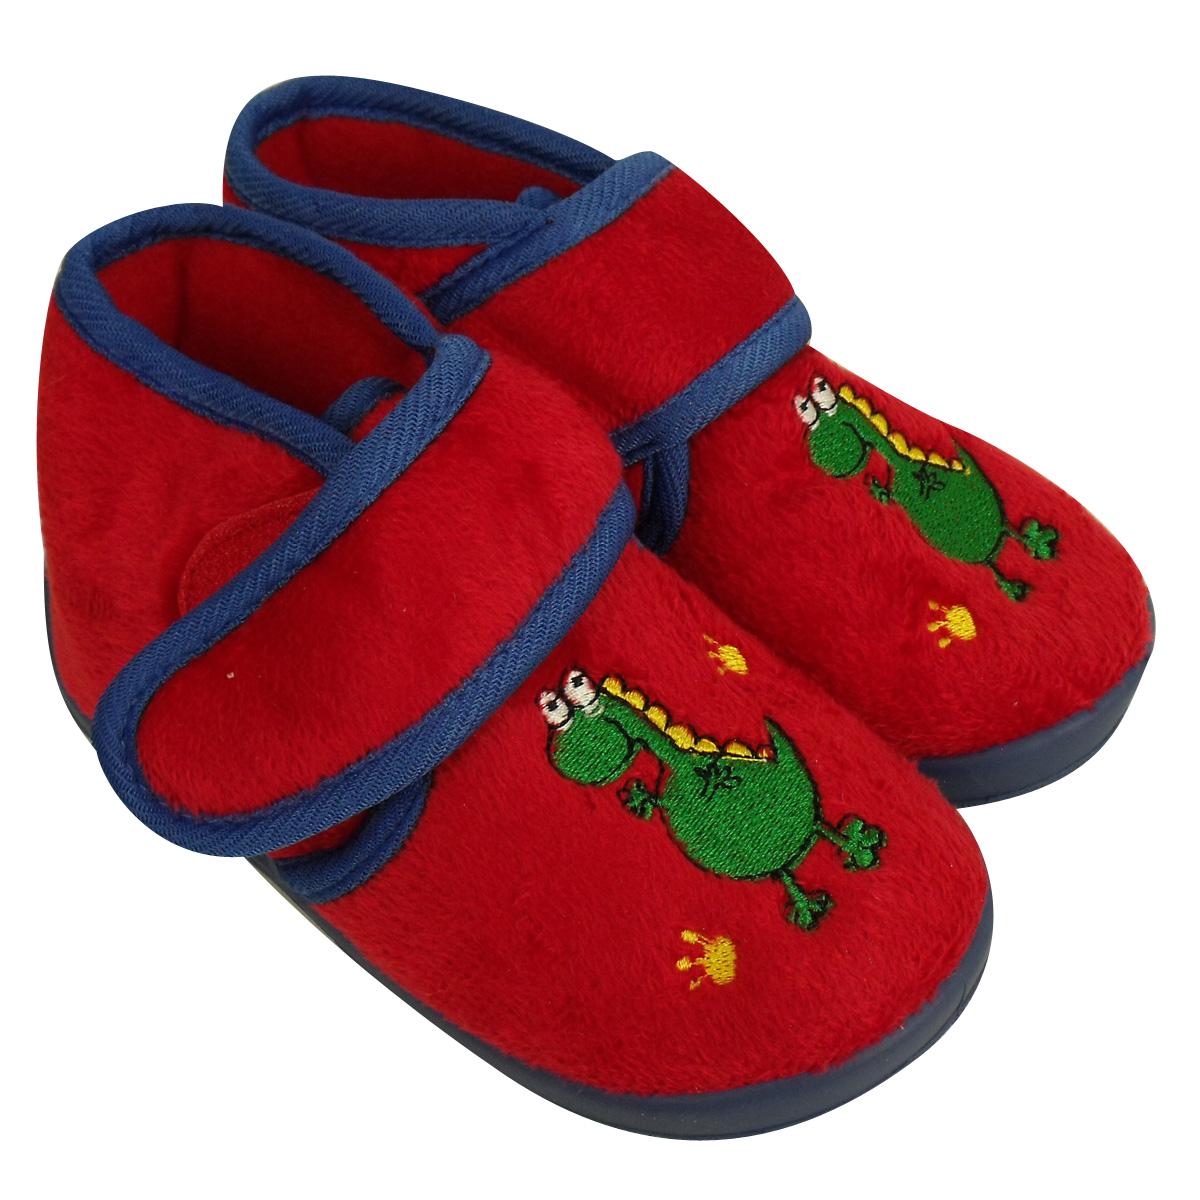 Girls boys childrens toddlers novelty ankle boot slipper for Novelty children s fabric